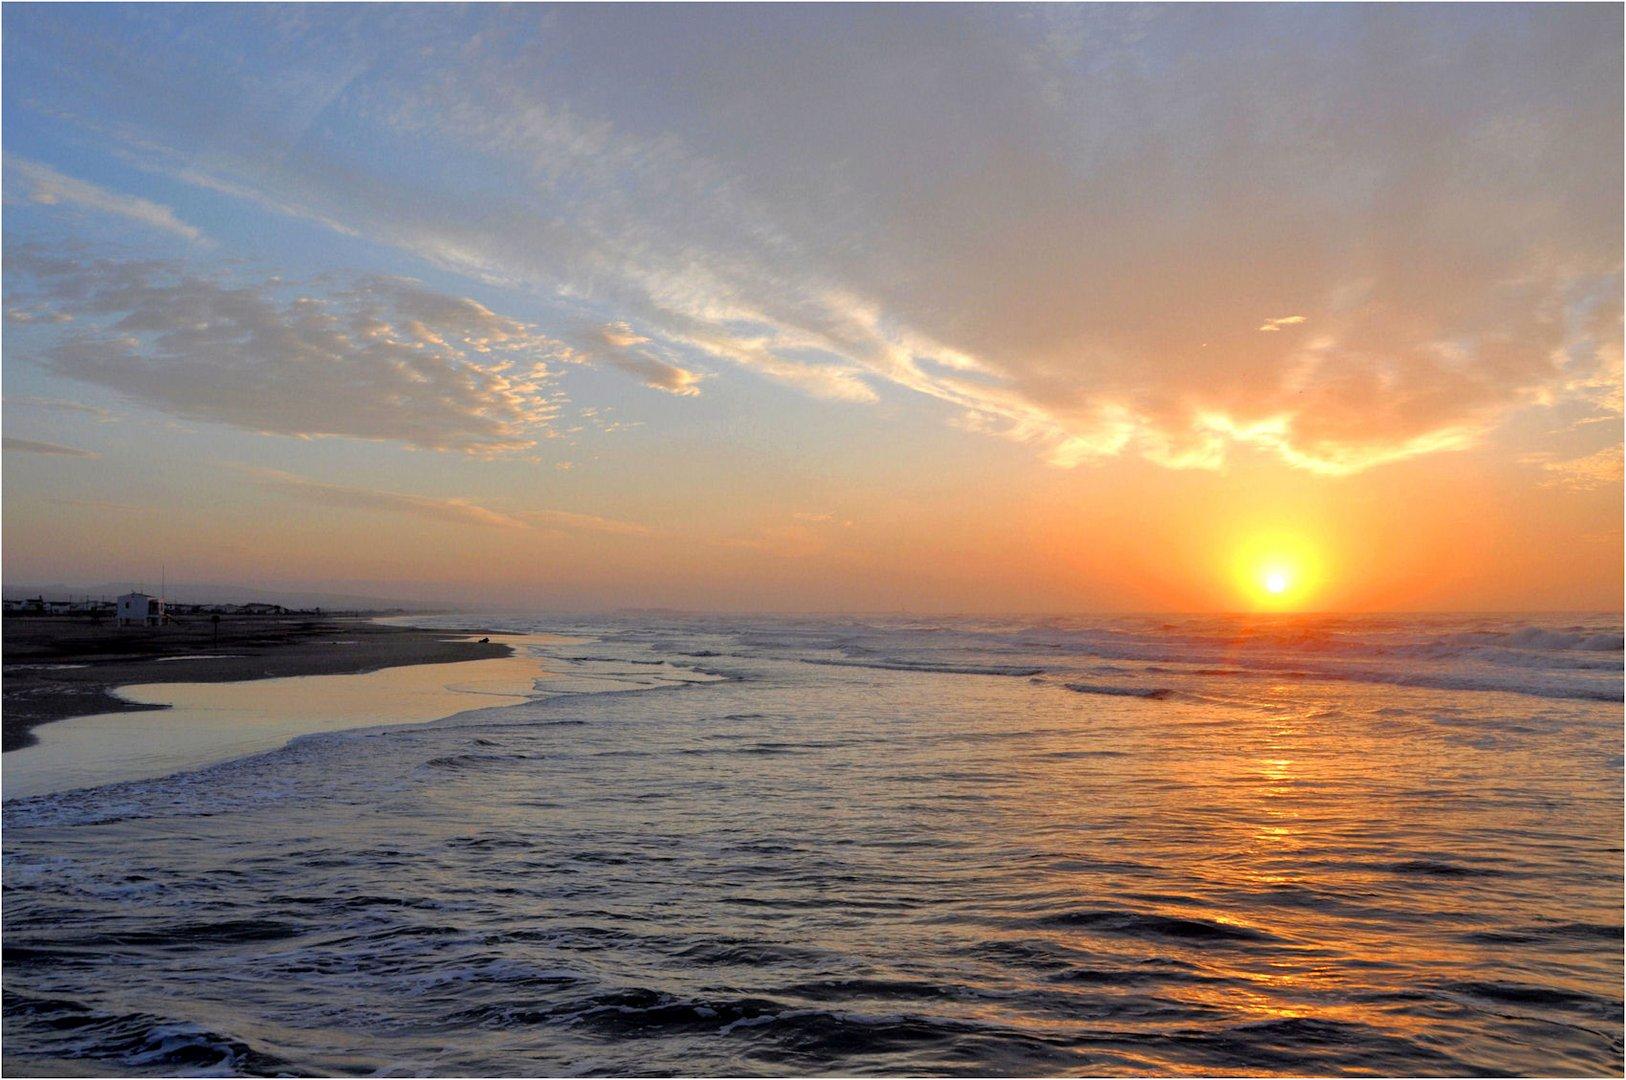 sunrise -3-